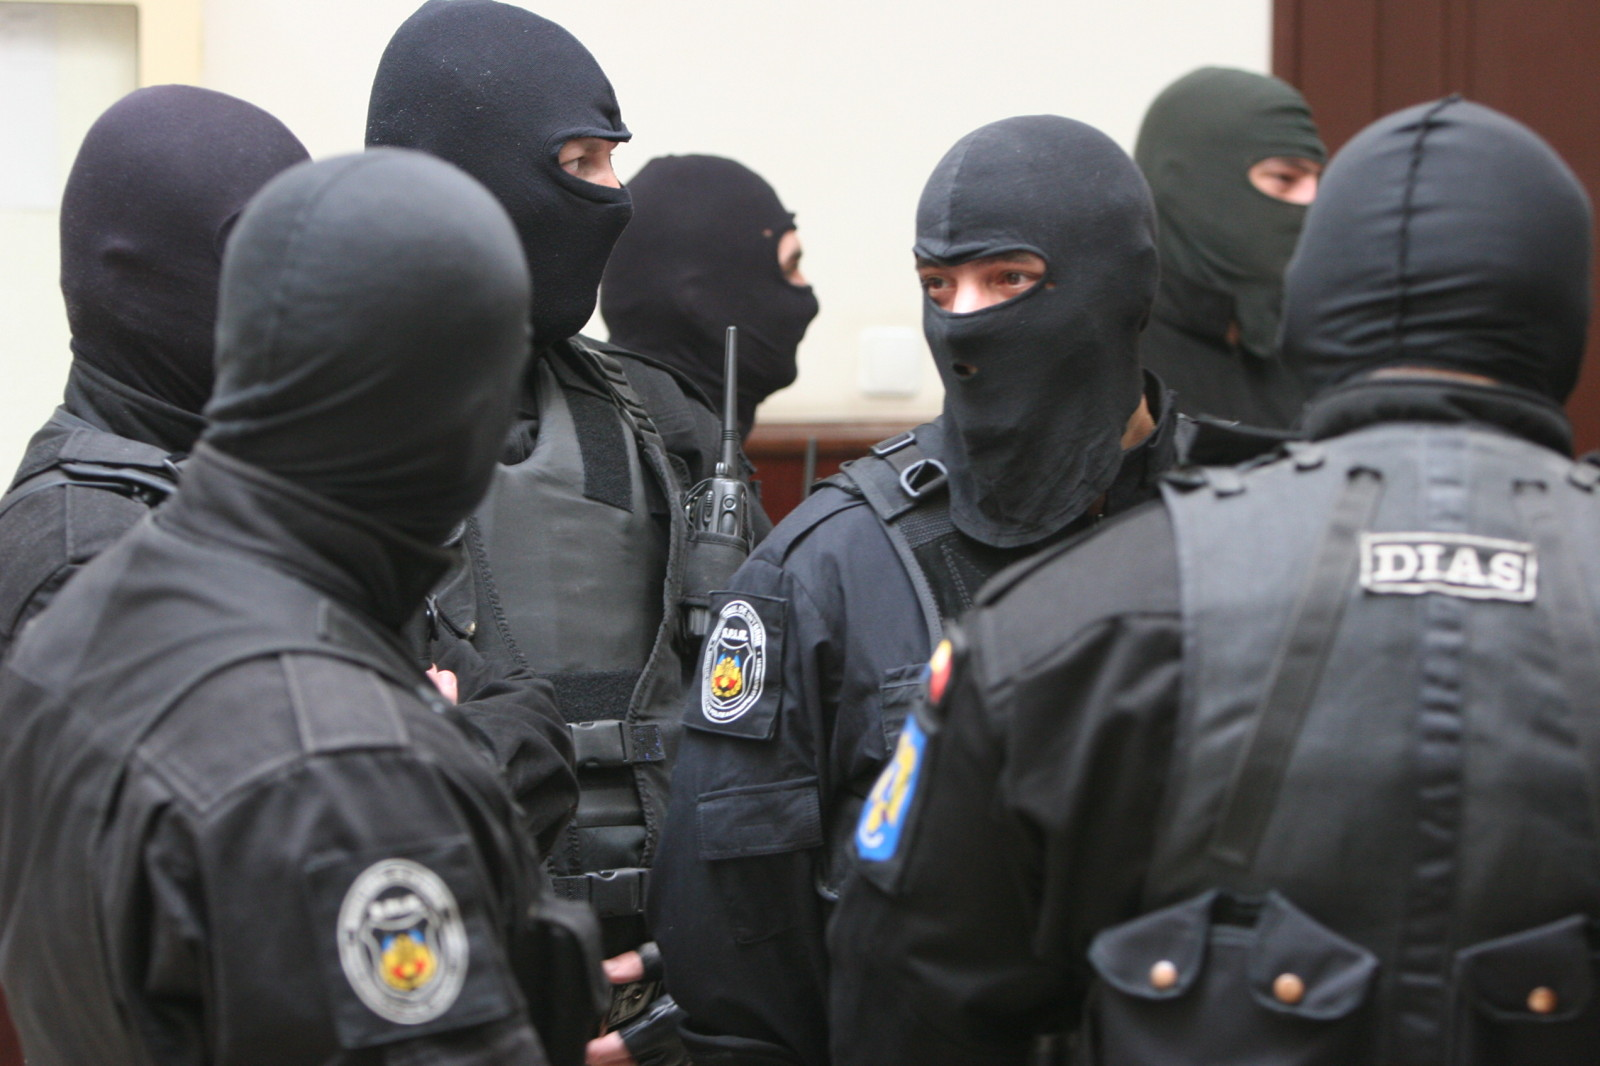 Percheziții la 300 de persoane din București și alte cinci județe. Acuzații extrem de grave, au furat vreo 7 milioane de euro